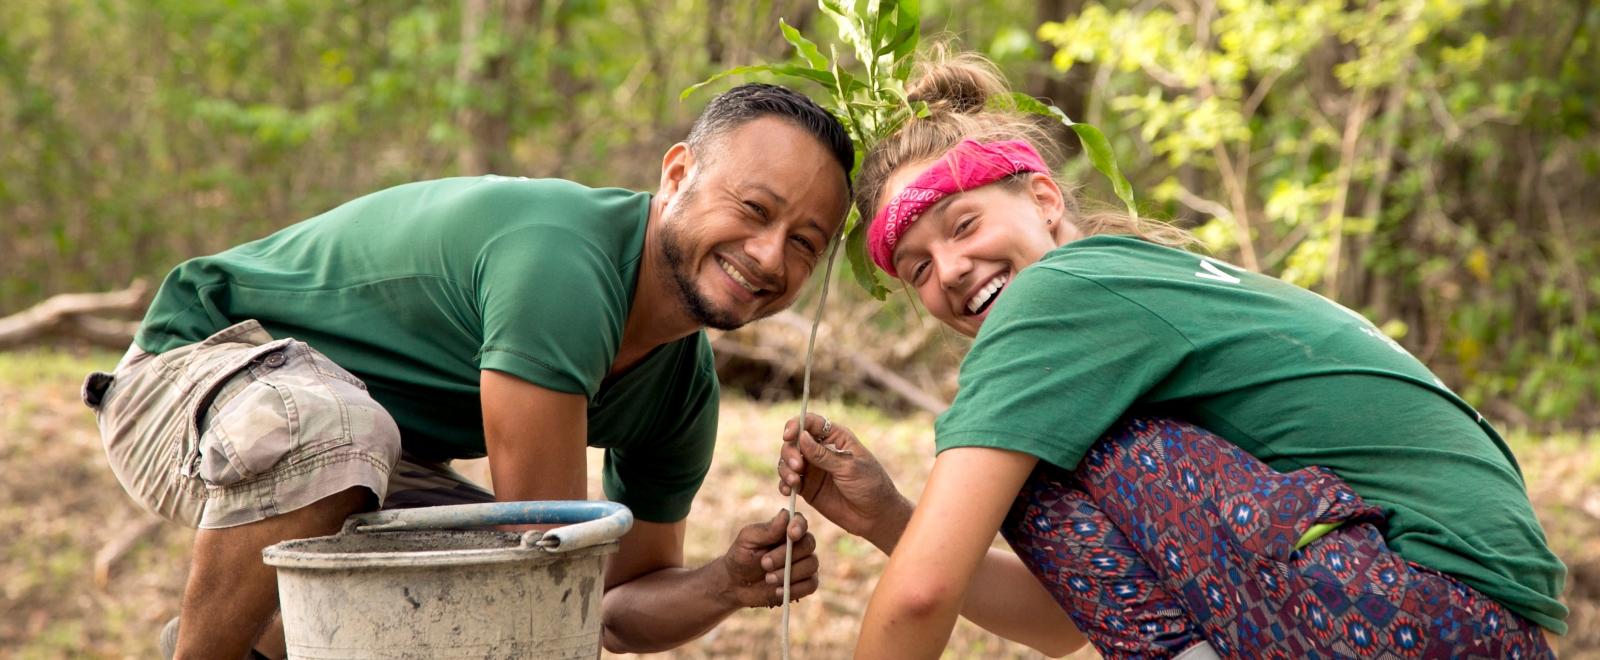 Voluntaria y personal en Costa Rica ayudando en nuestro programa de reforestación.